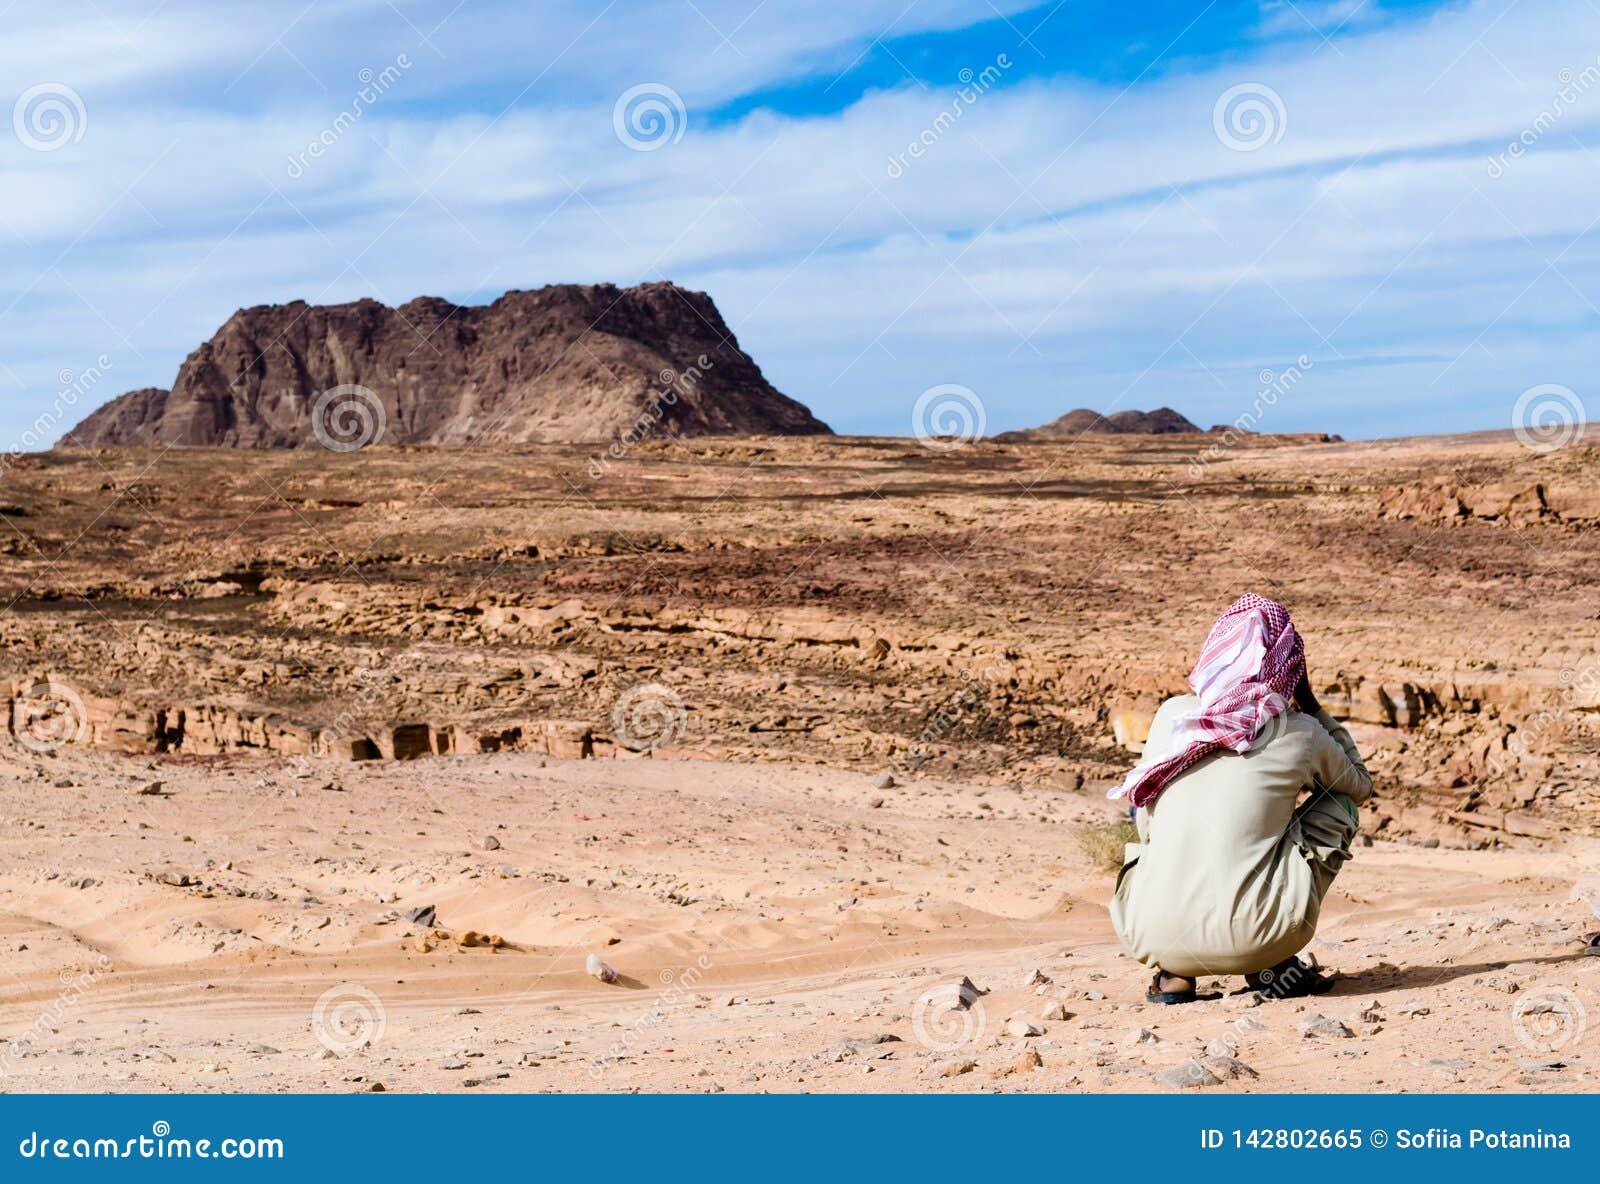 白色红色围巾的流浪者在反对山和天空蔚蓝背景的沙漠在埃及宰海卜南西奈